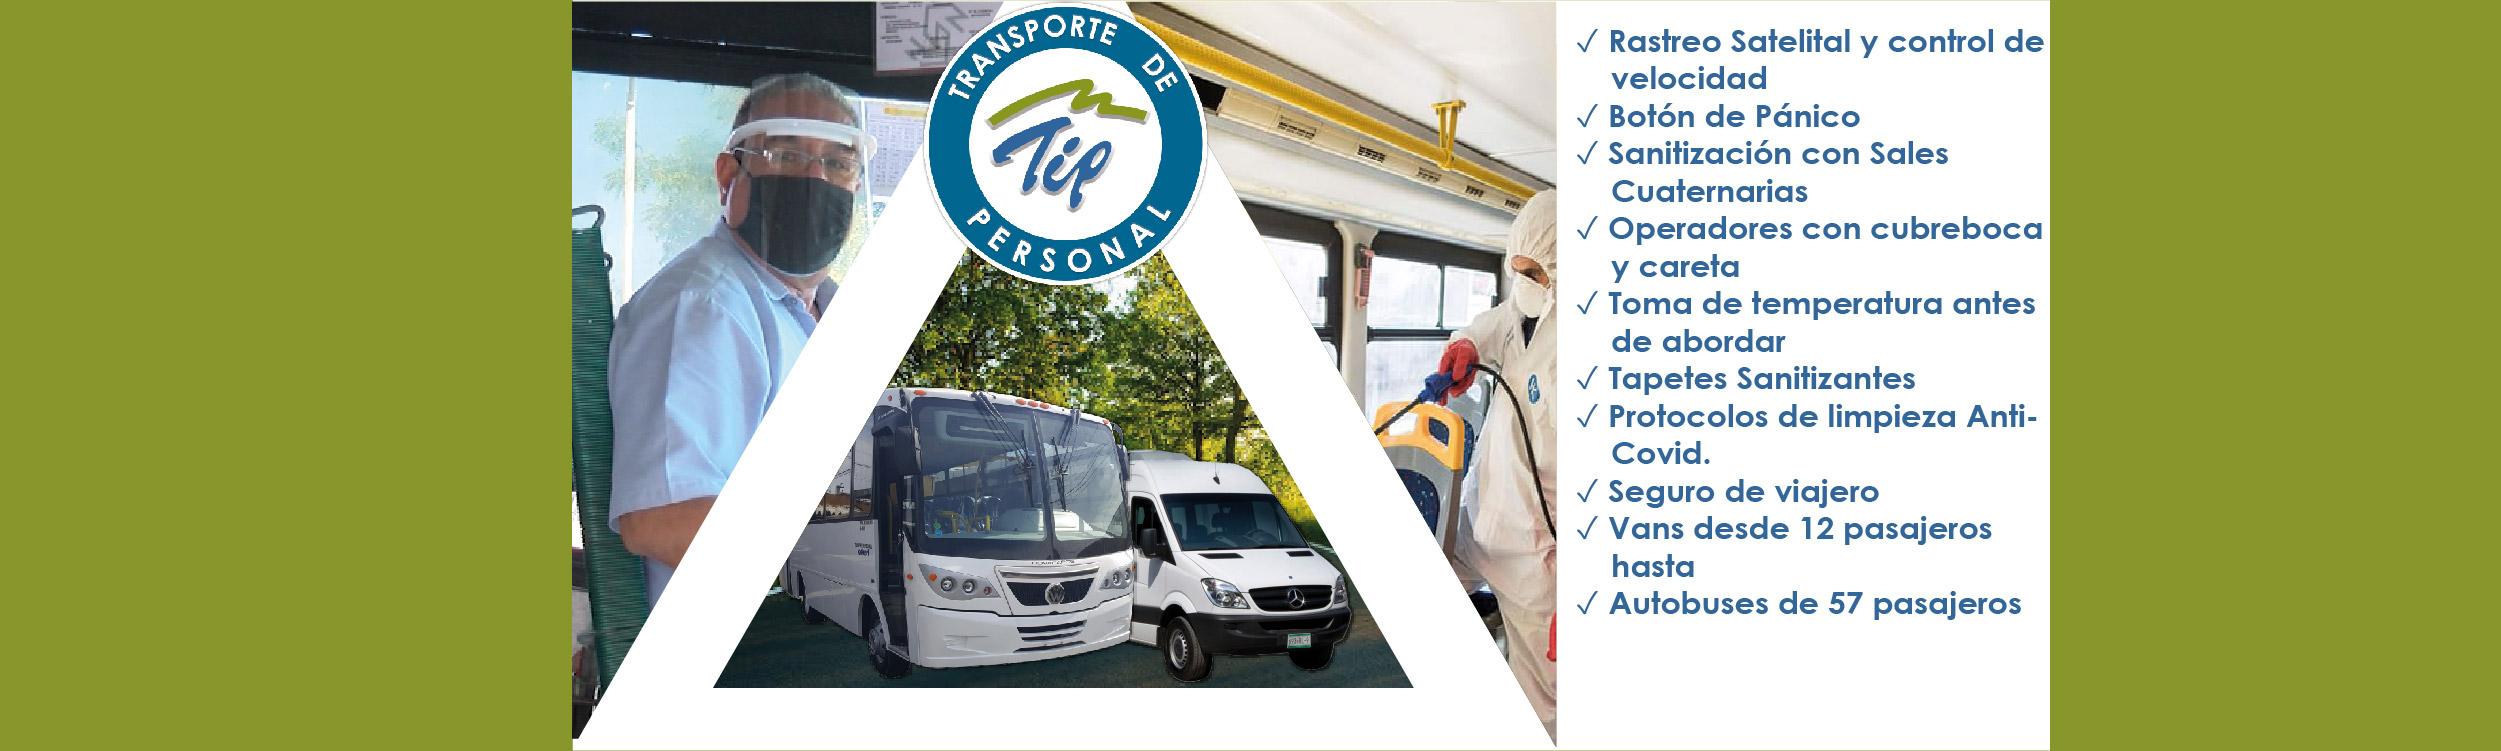 3 Razones de Peso para contratar Transporte de Personal